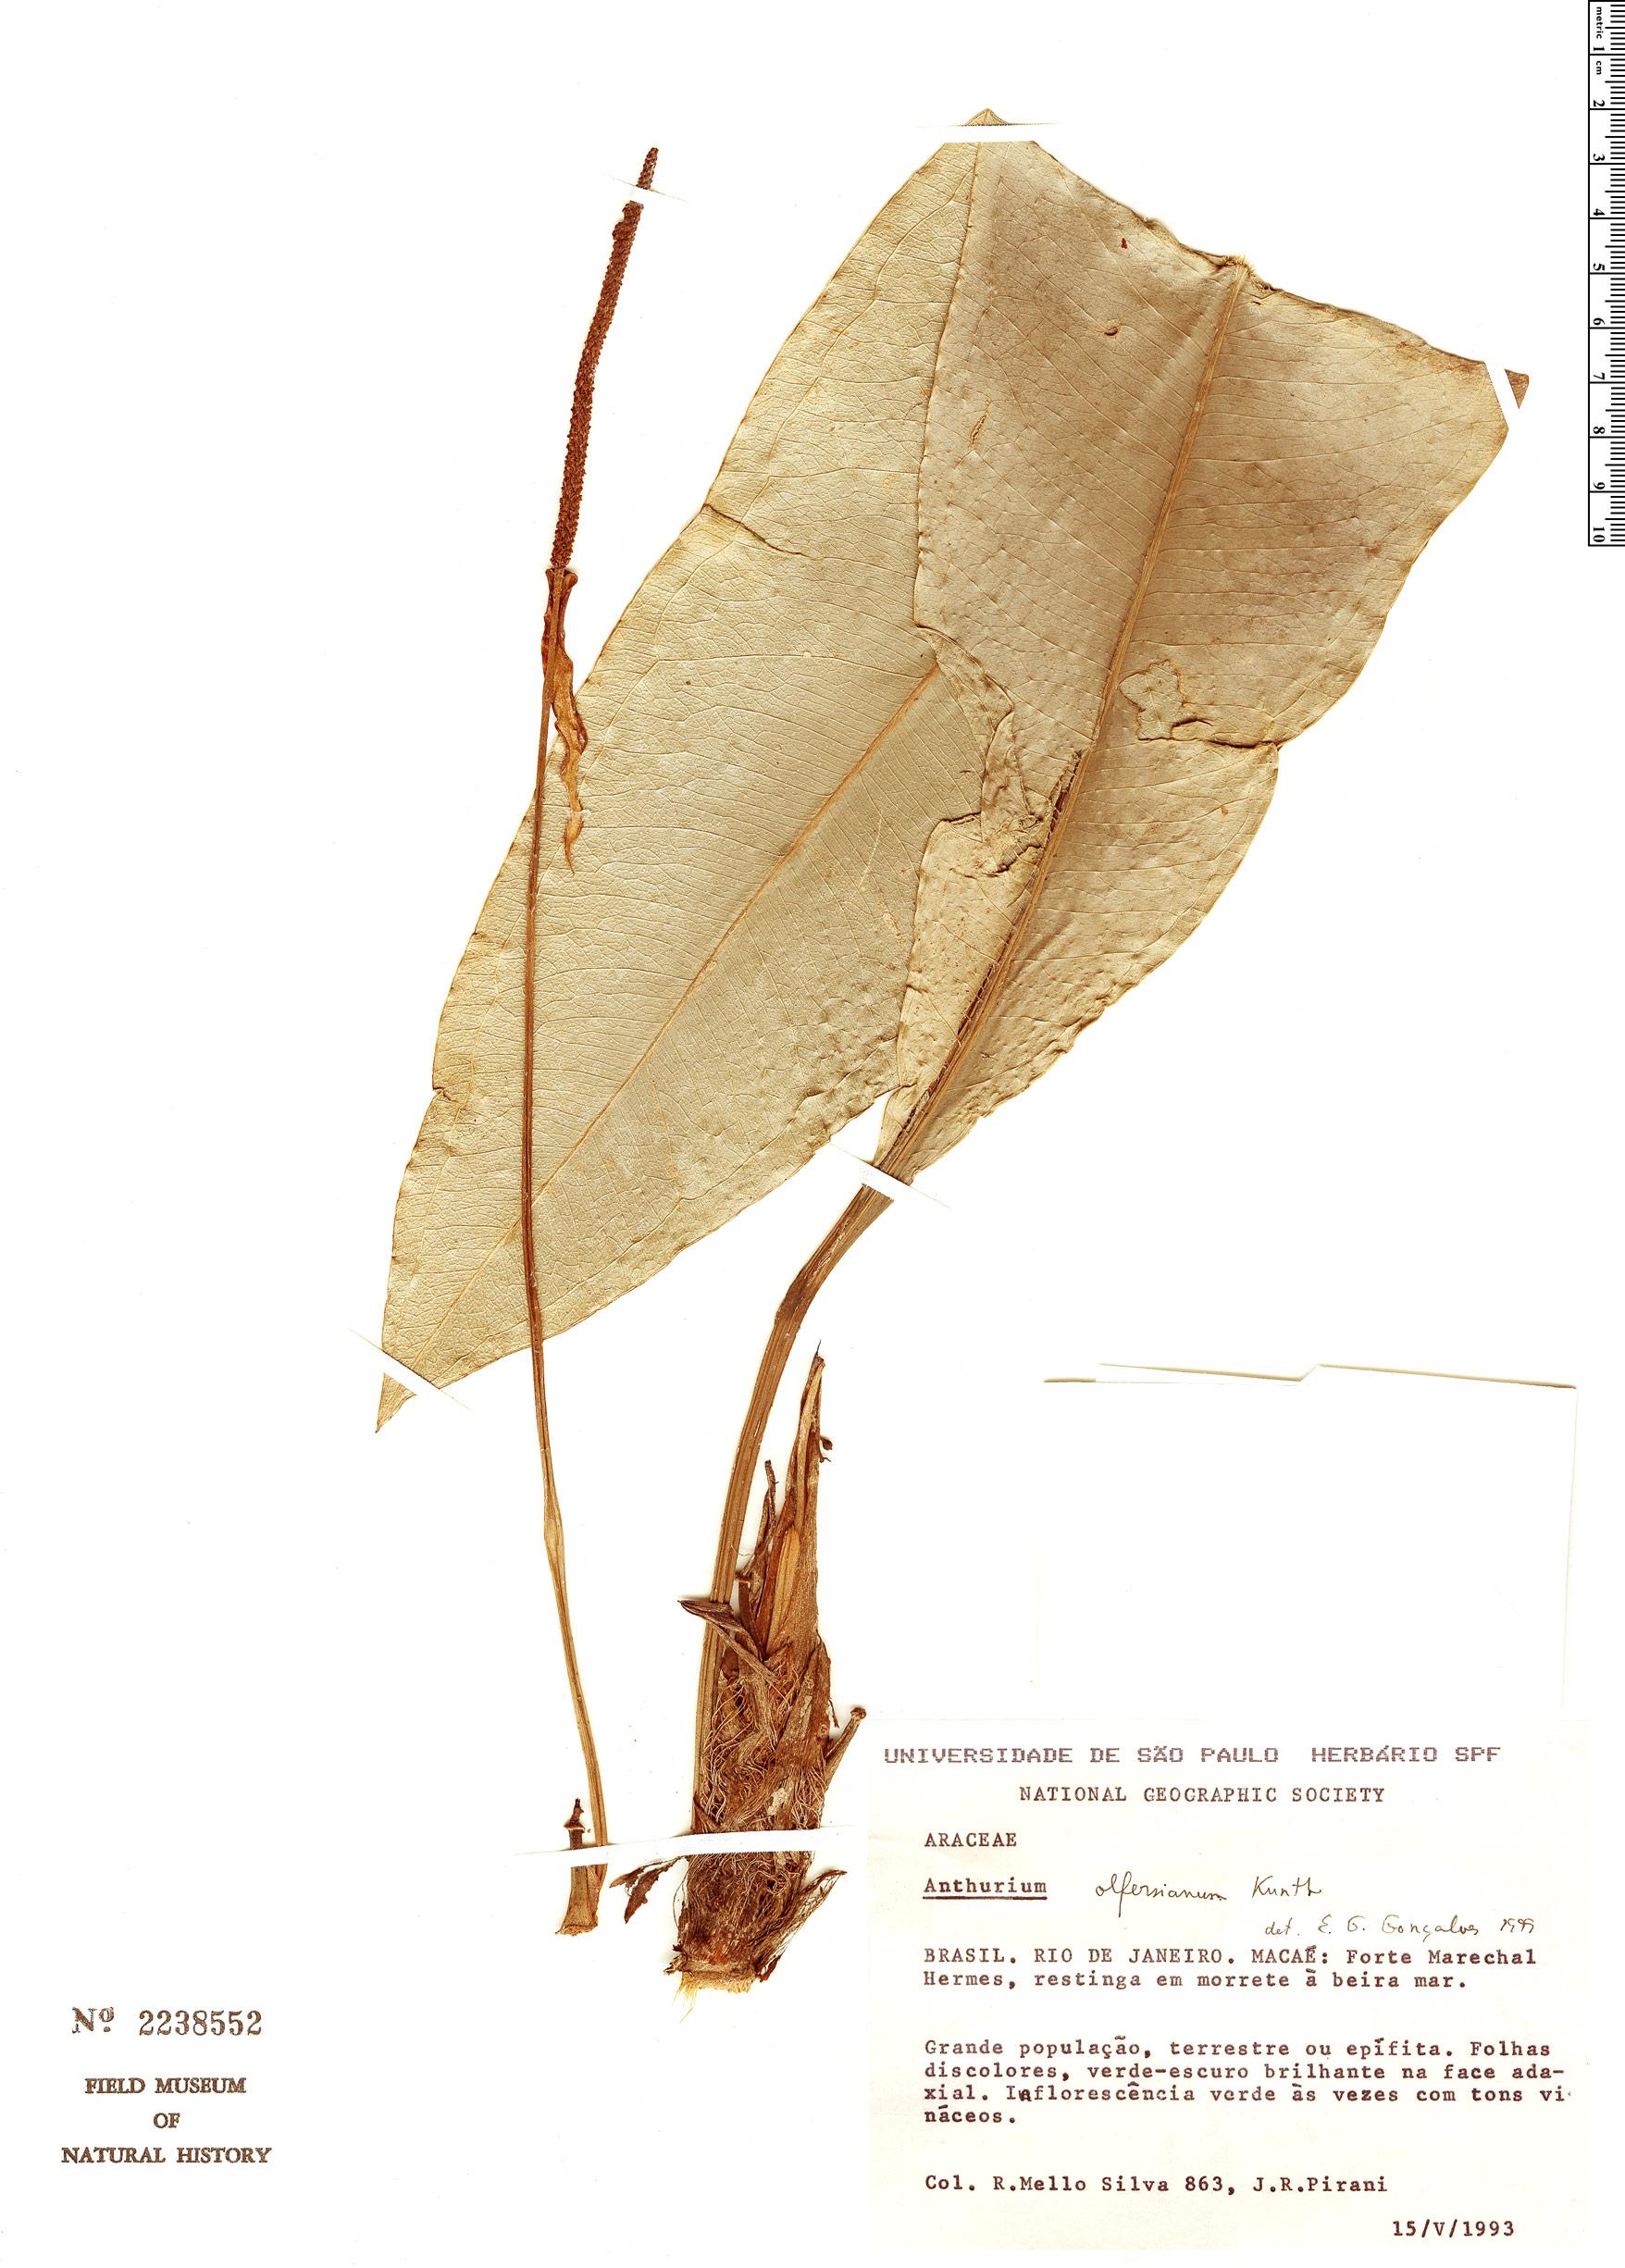 Specimen: Anthurium olfersianum